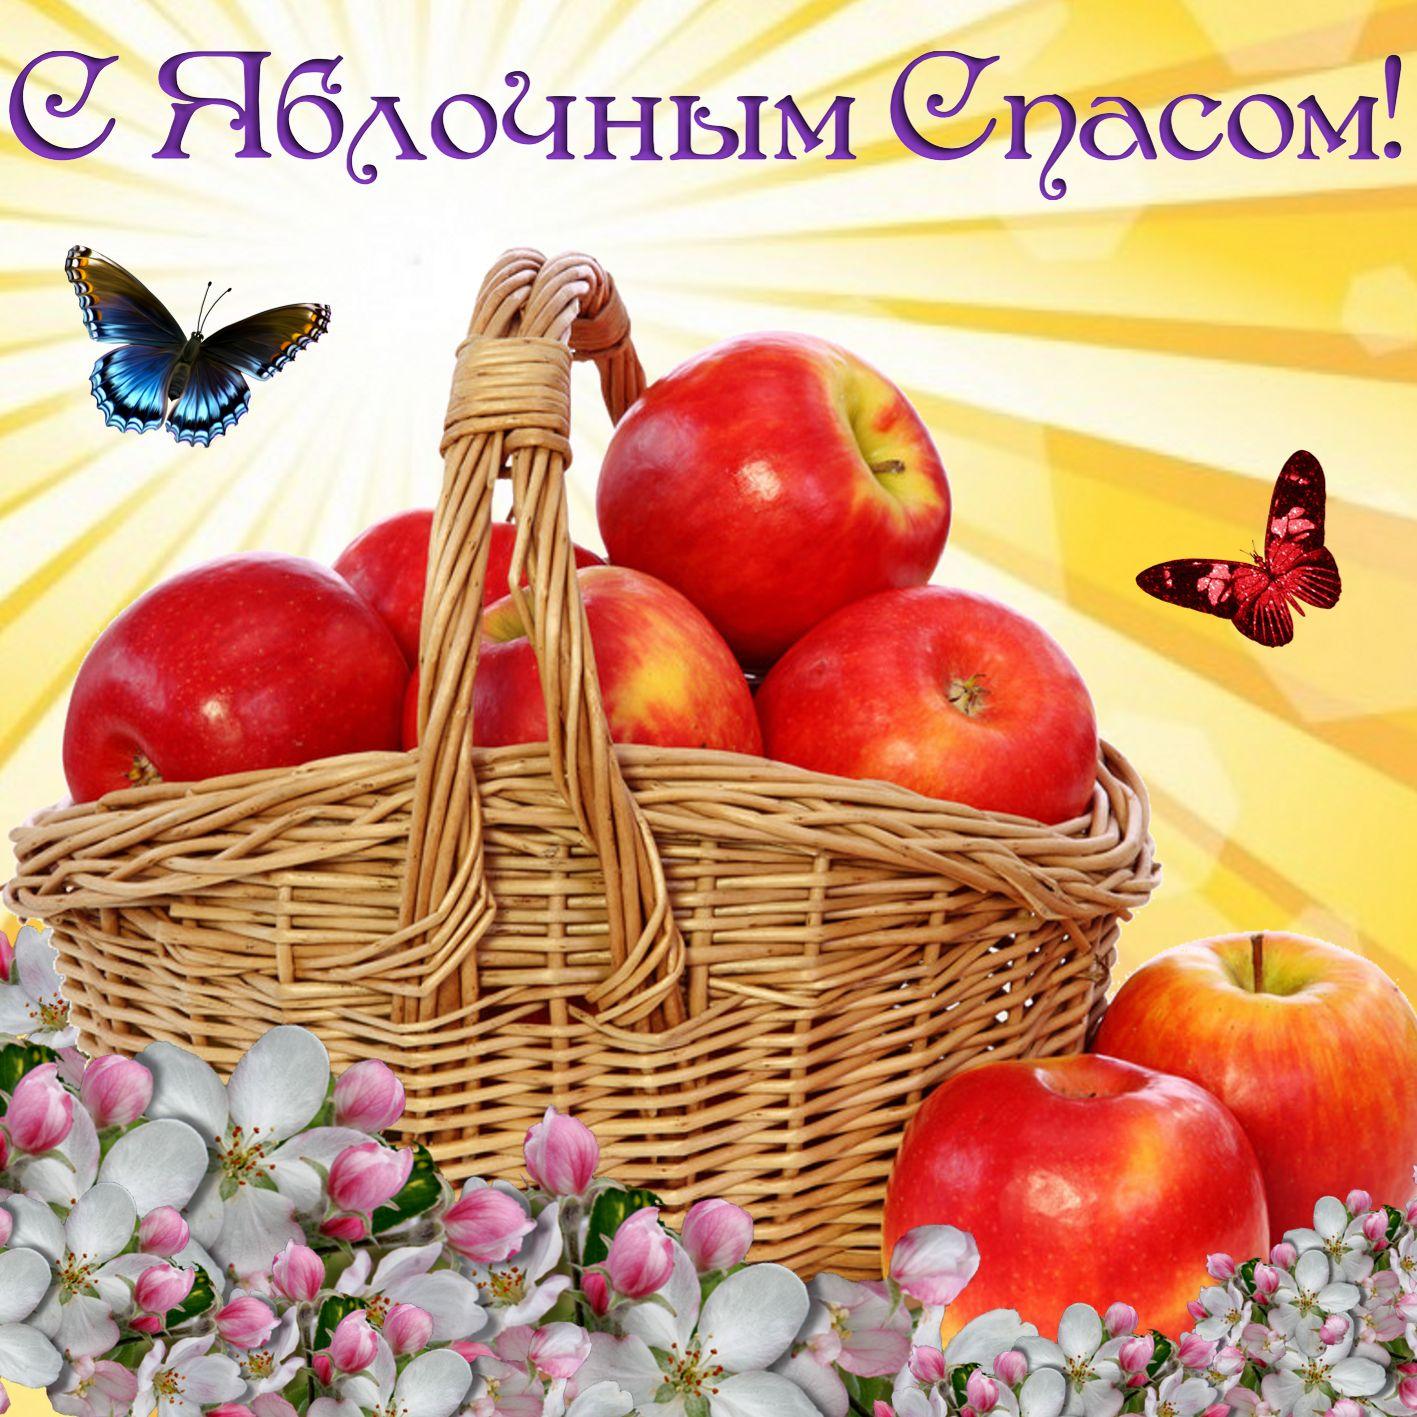 если оформить яблочный спас поздравлялки в картинках без проблем будут